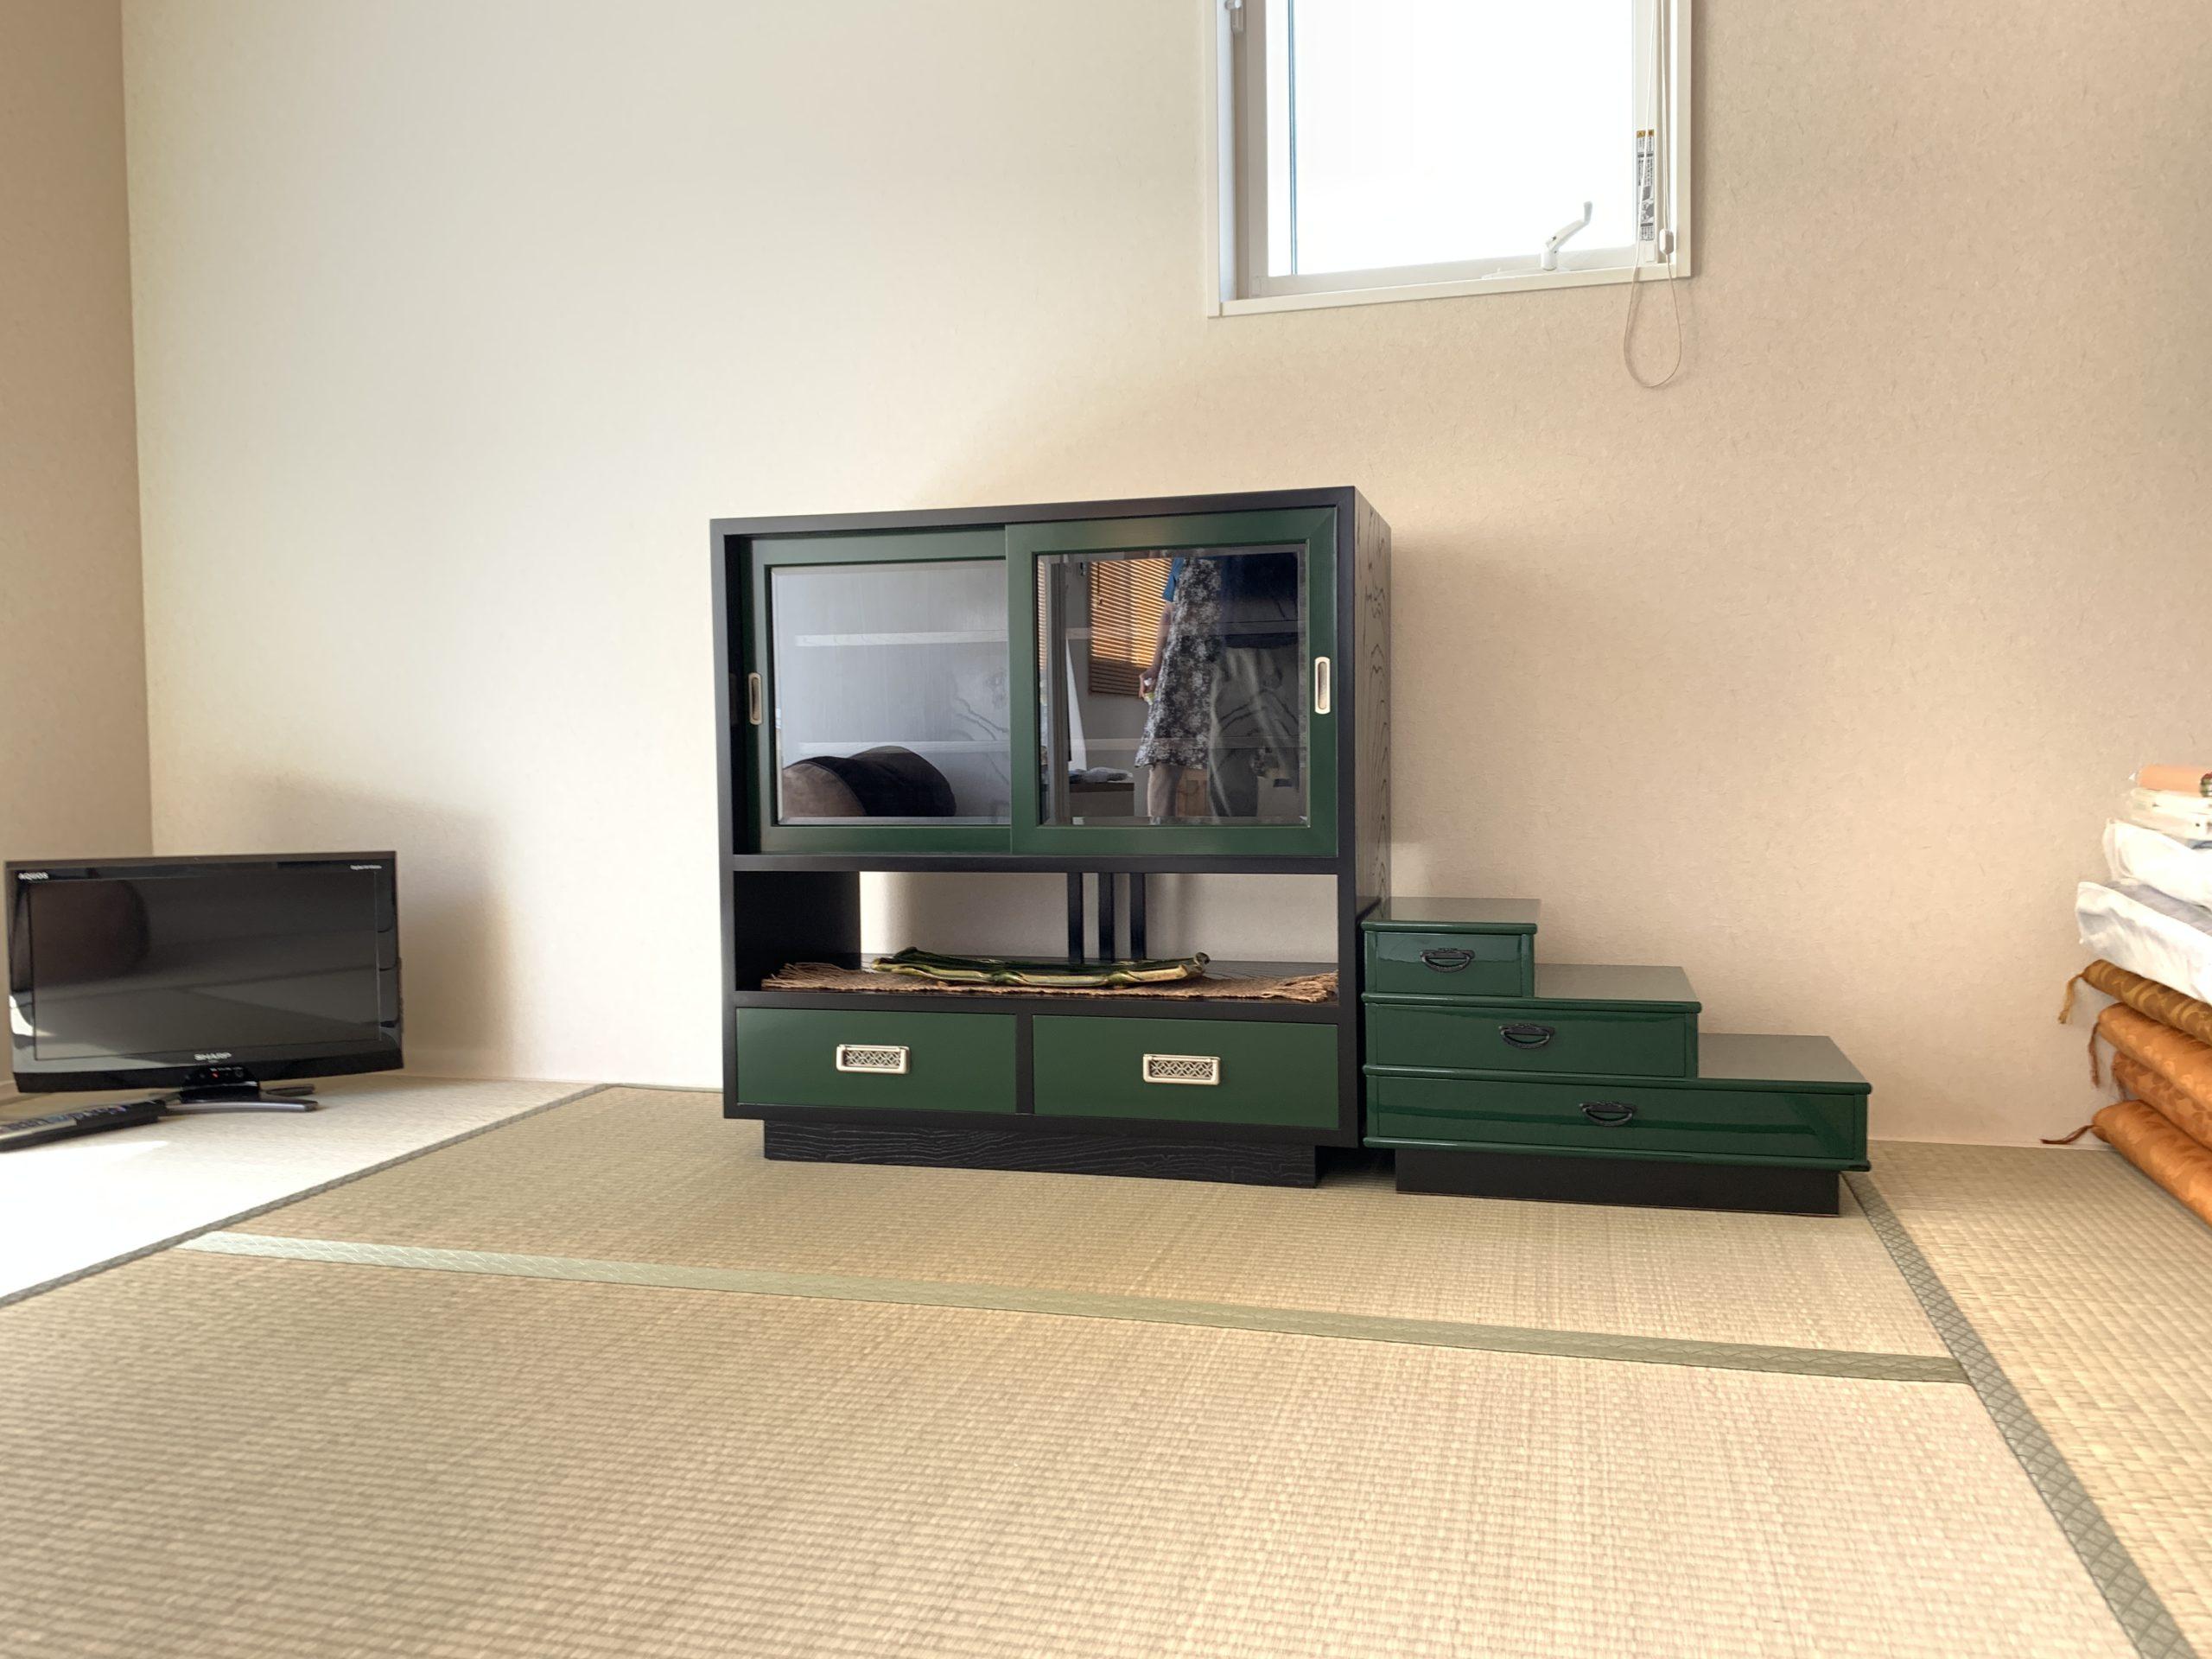 二本松伝統家具 グリーン&ブラックの飾棚&三段たんす